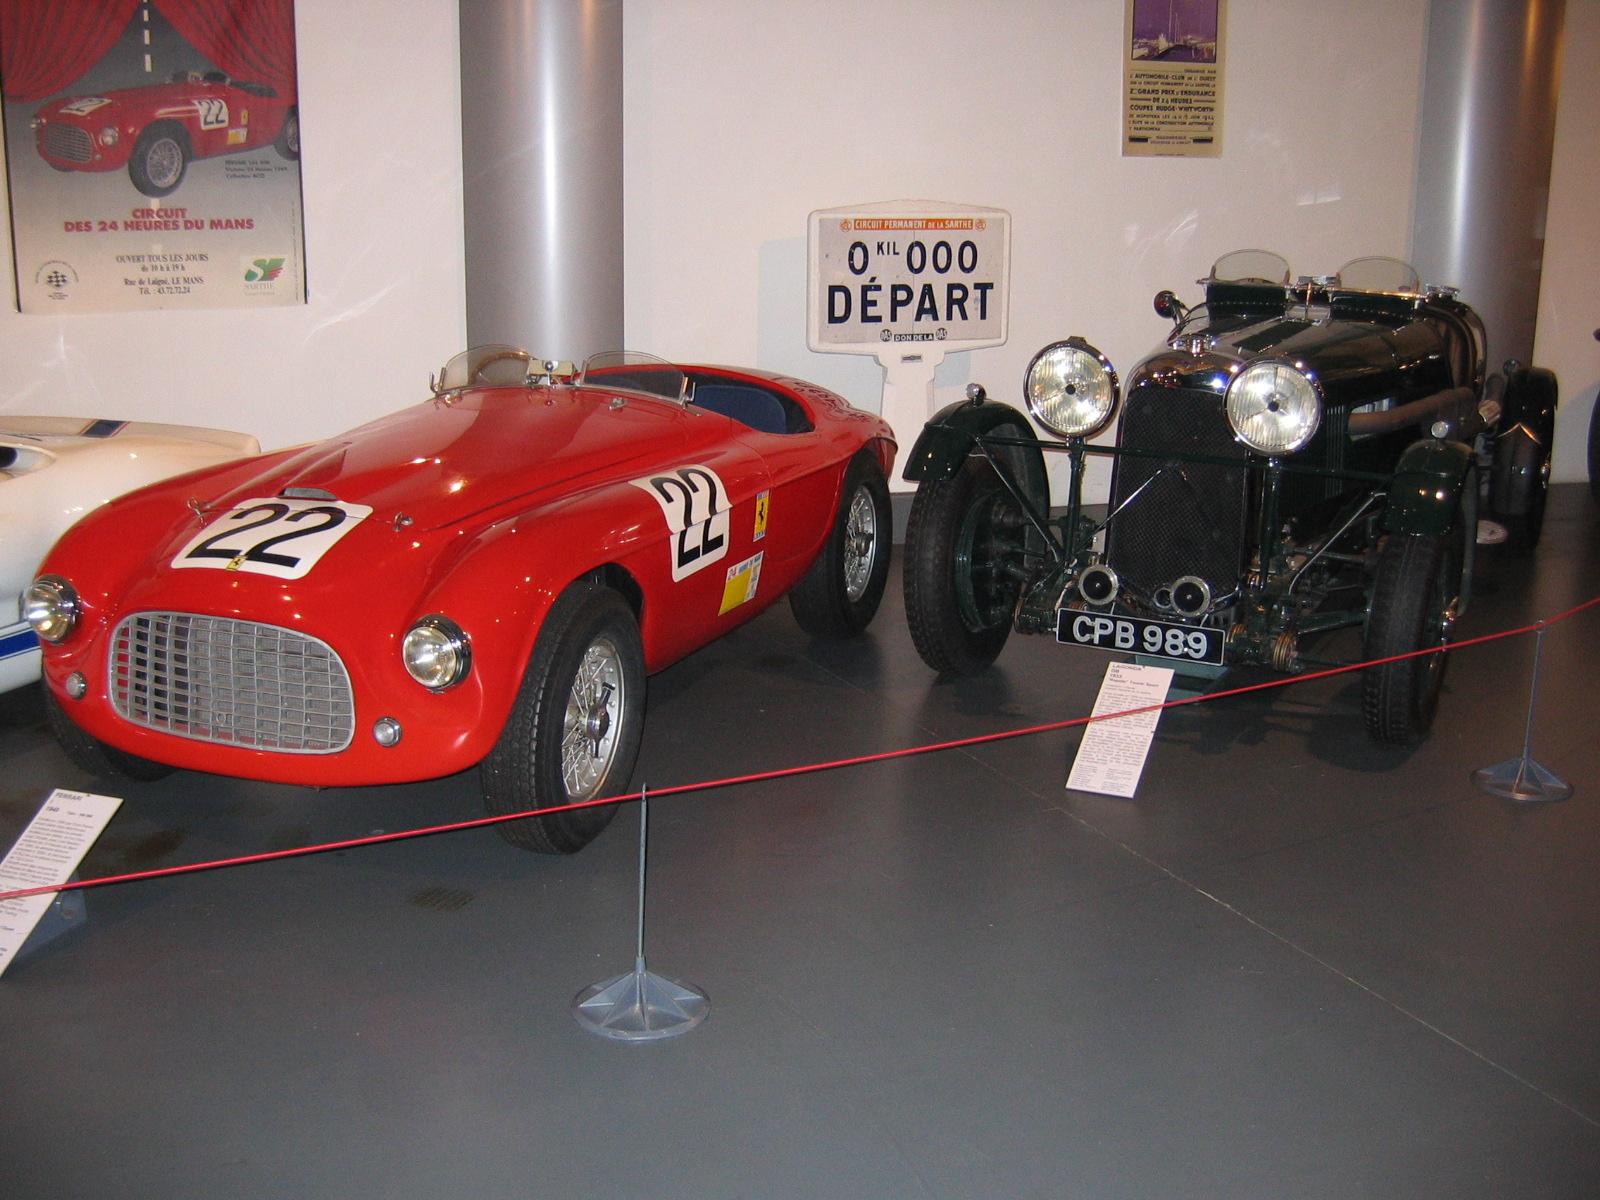 Ferrari und Lagonda. Allein die Namen beschleunigen den Puls